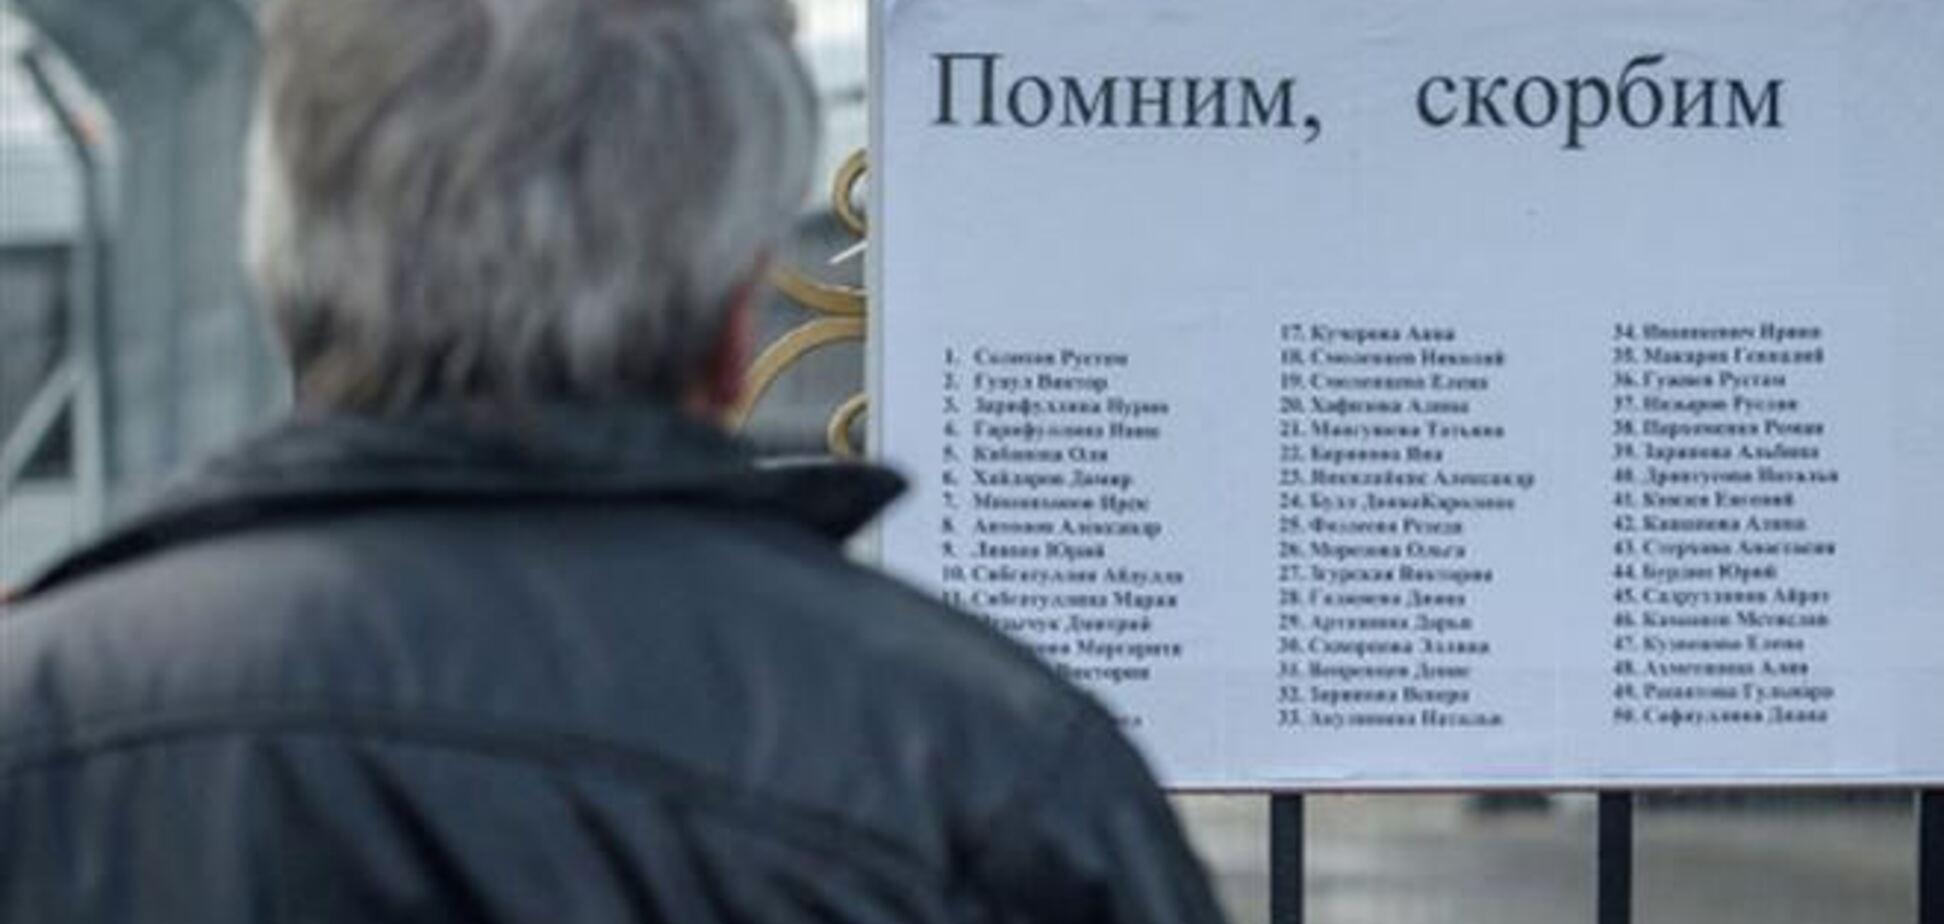 Опознаны все жертвы авиакатастрофы в Казани